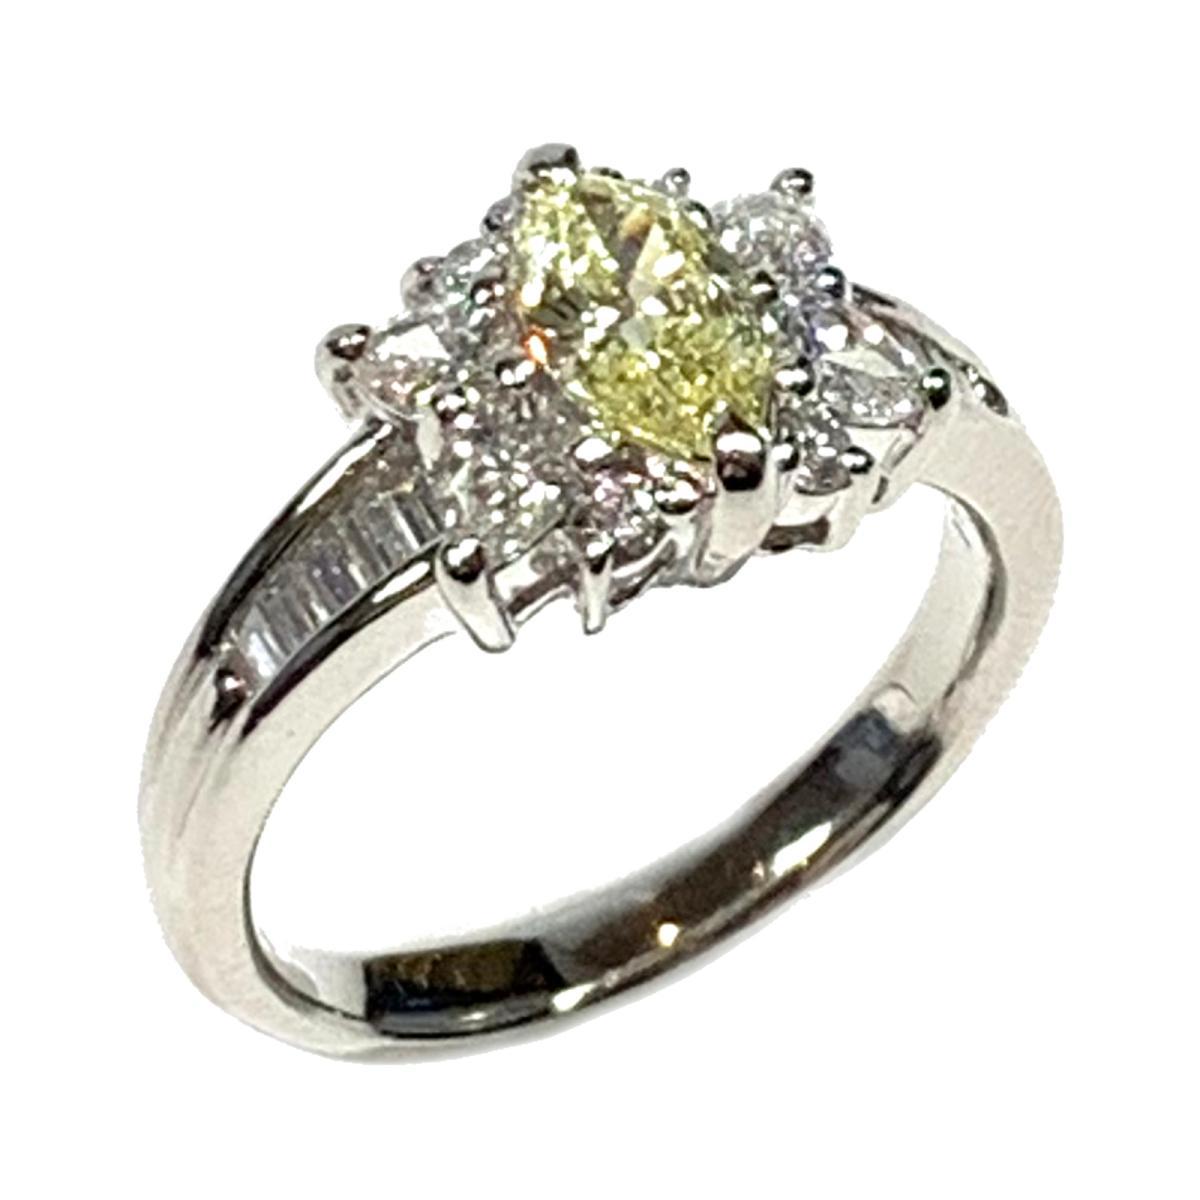 【中古】 ジュエリー ダイヤモンド リング 指輪 レディース PT900 プラチナ x シルバー イエロー   JEWELRY BRANDOFF ブランドオフ ブランド アクセサリー